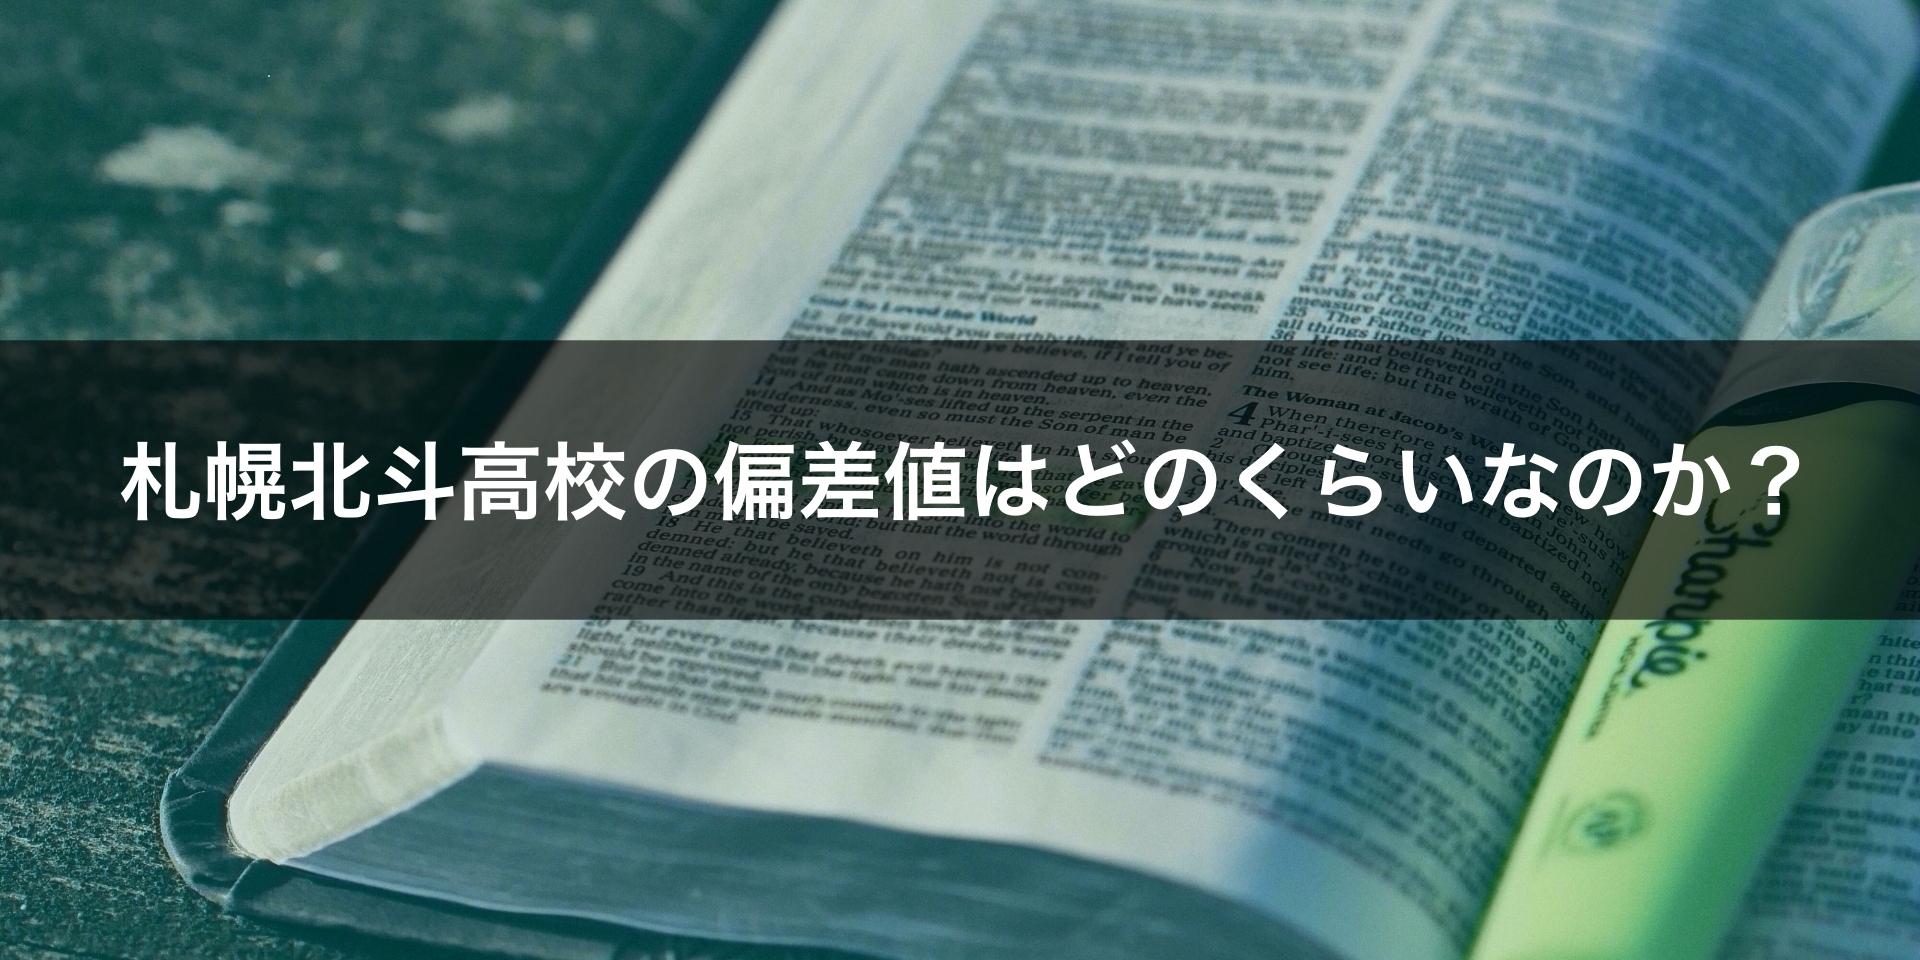 札幌北斗高校の偏差値はどのくらいなのか?